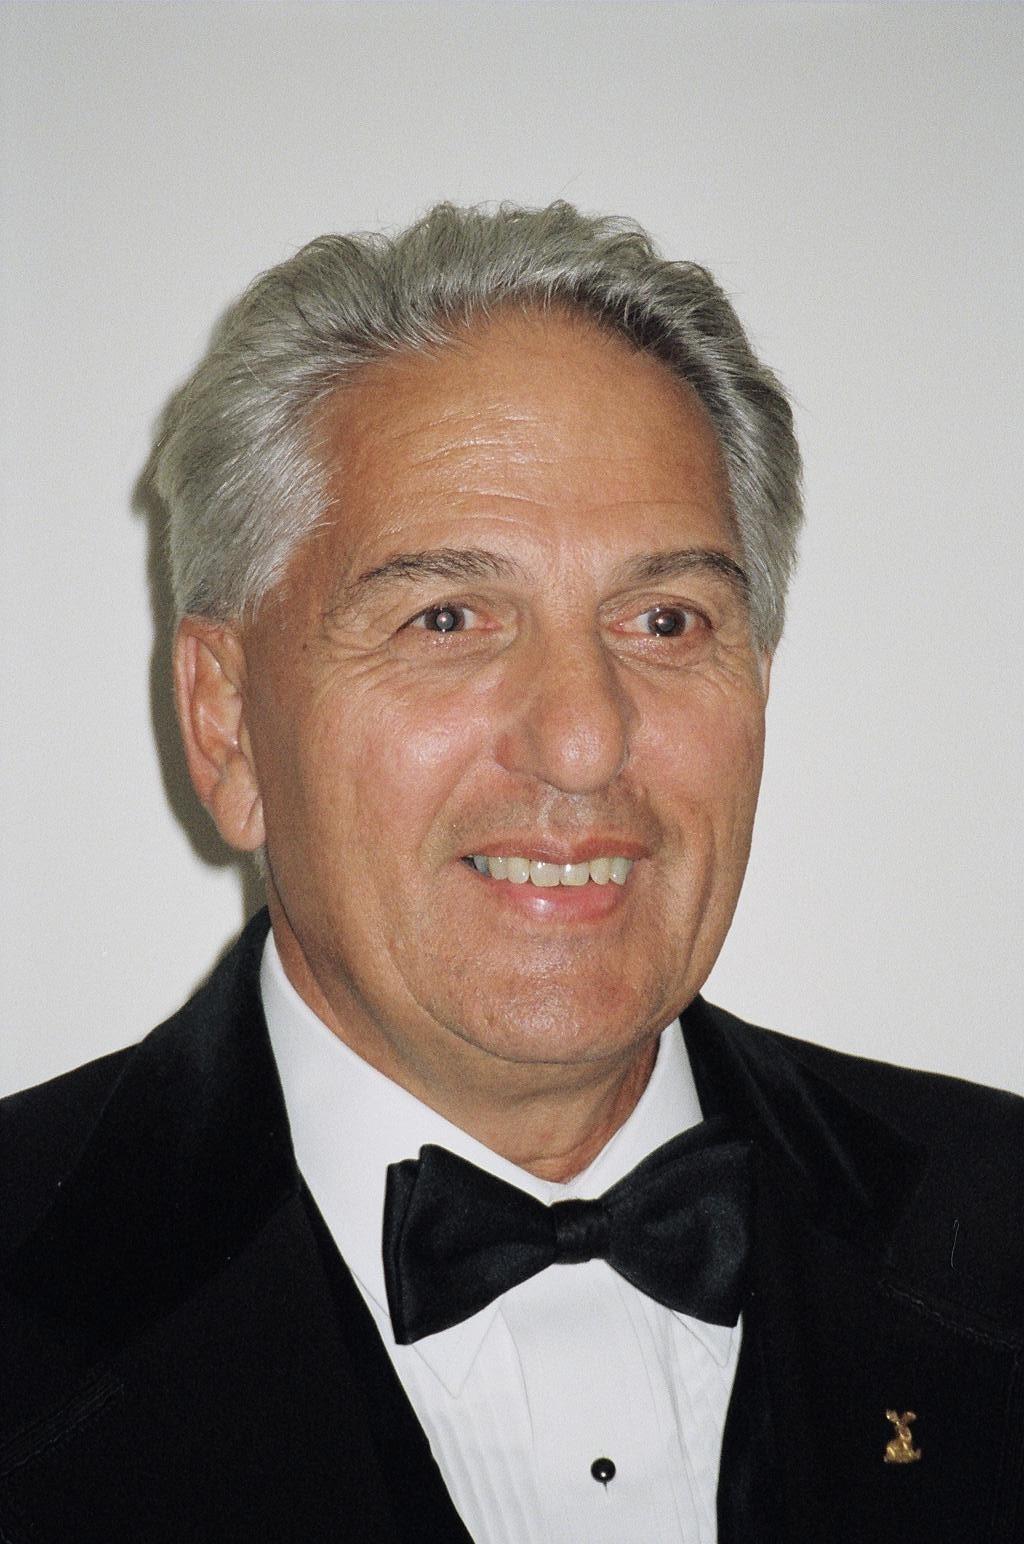 Lou Amico